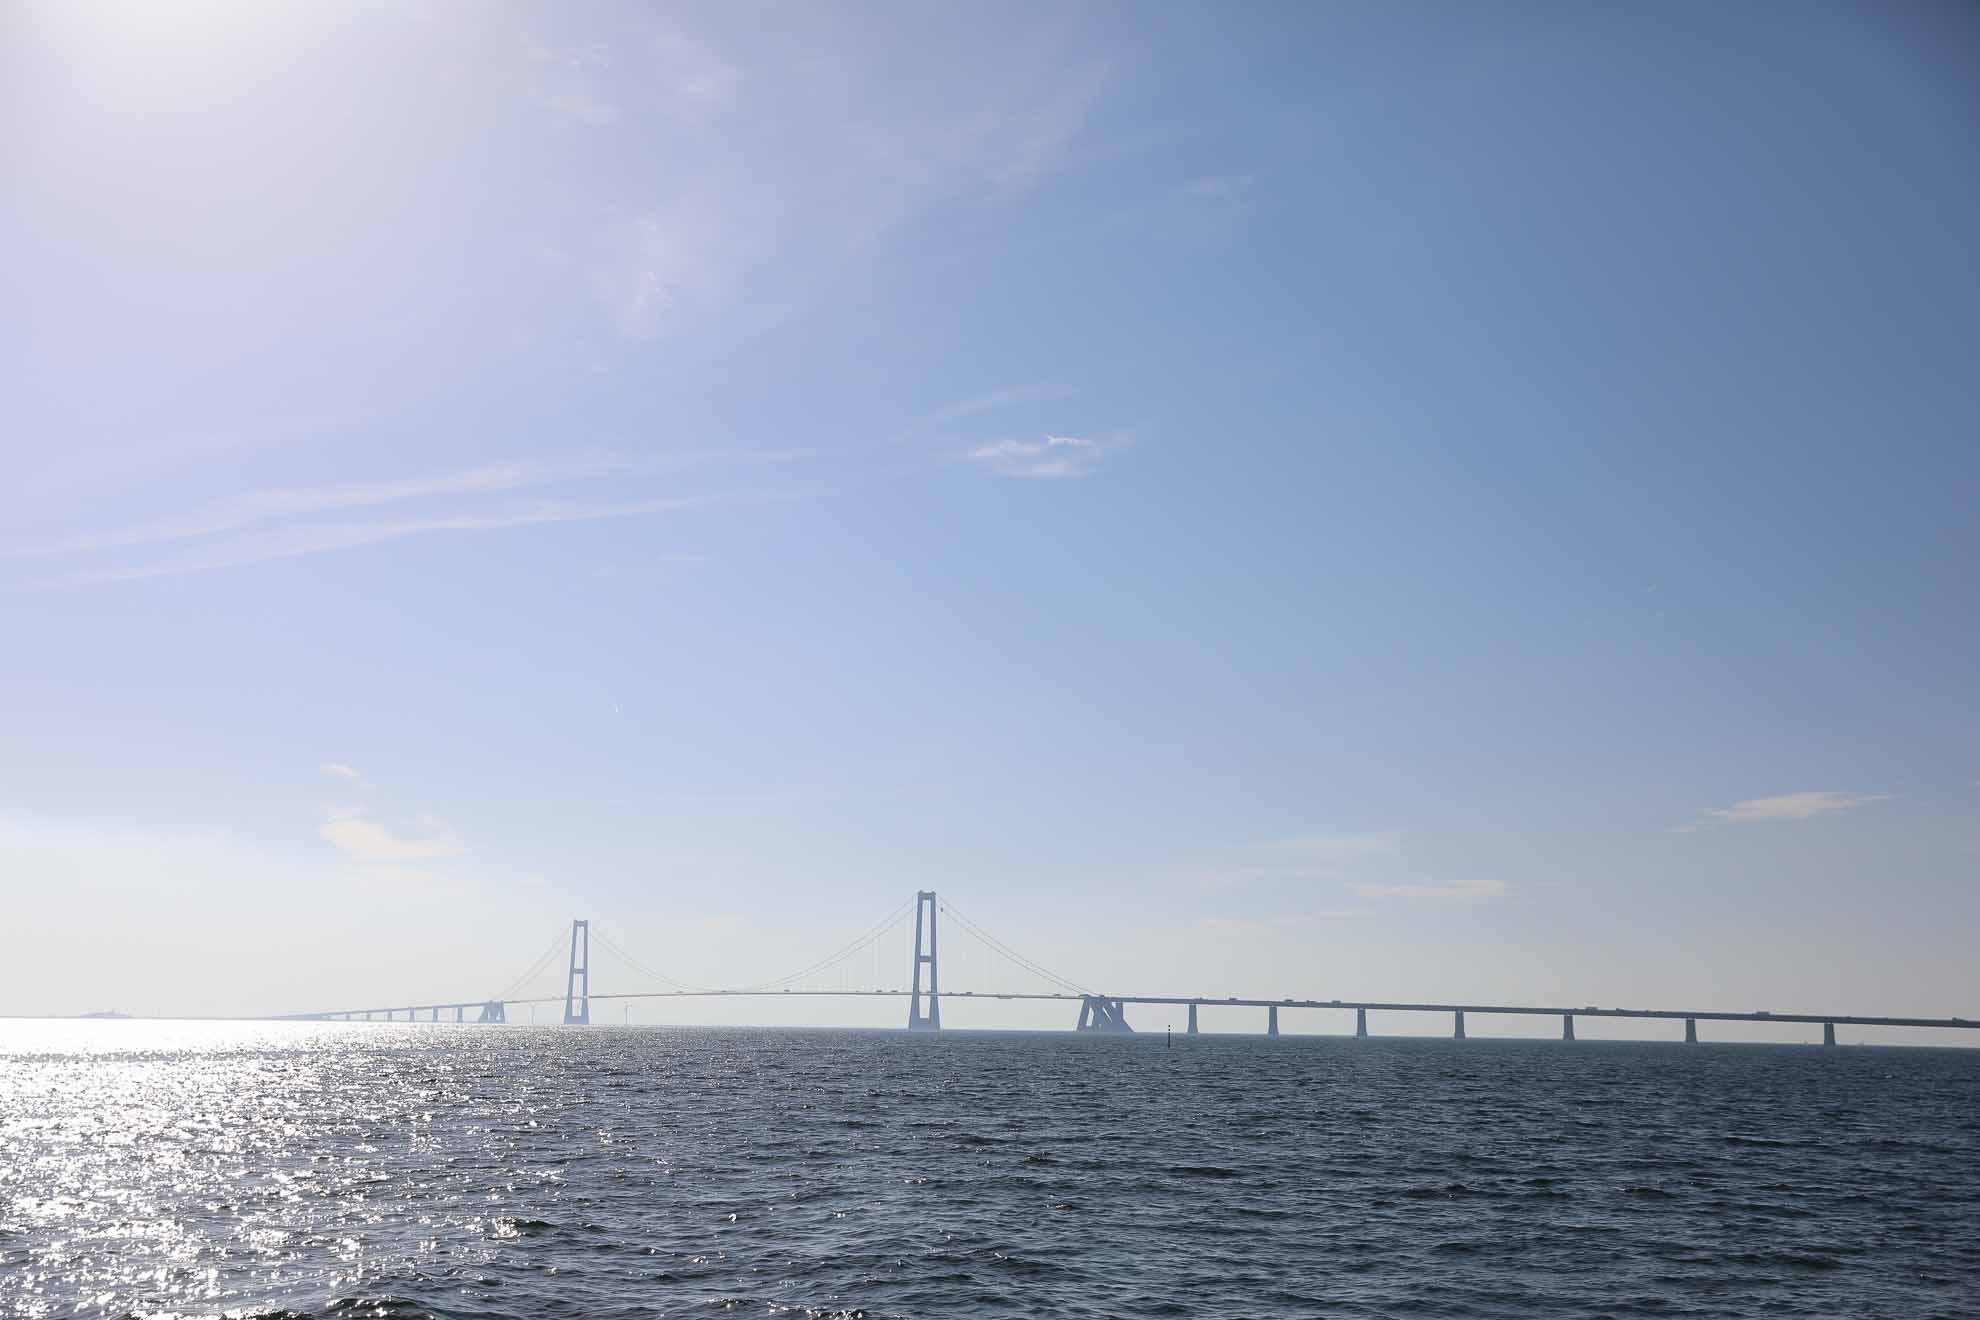 Es soll rund um Seeland gehen – Malaika fährt auf dem Großen Belt nach Norden bis kurz vor die Große-Belt-Brücke.